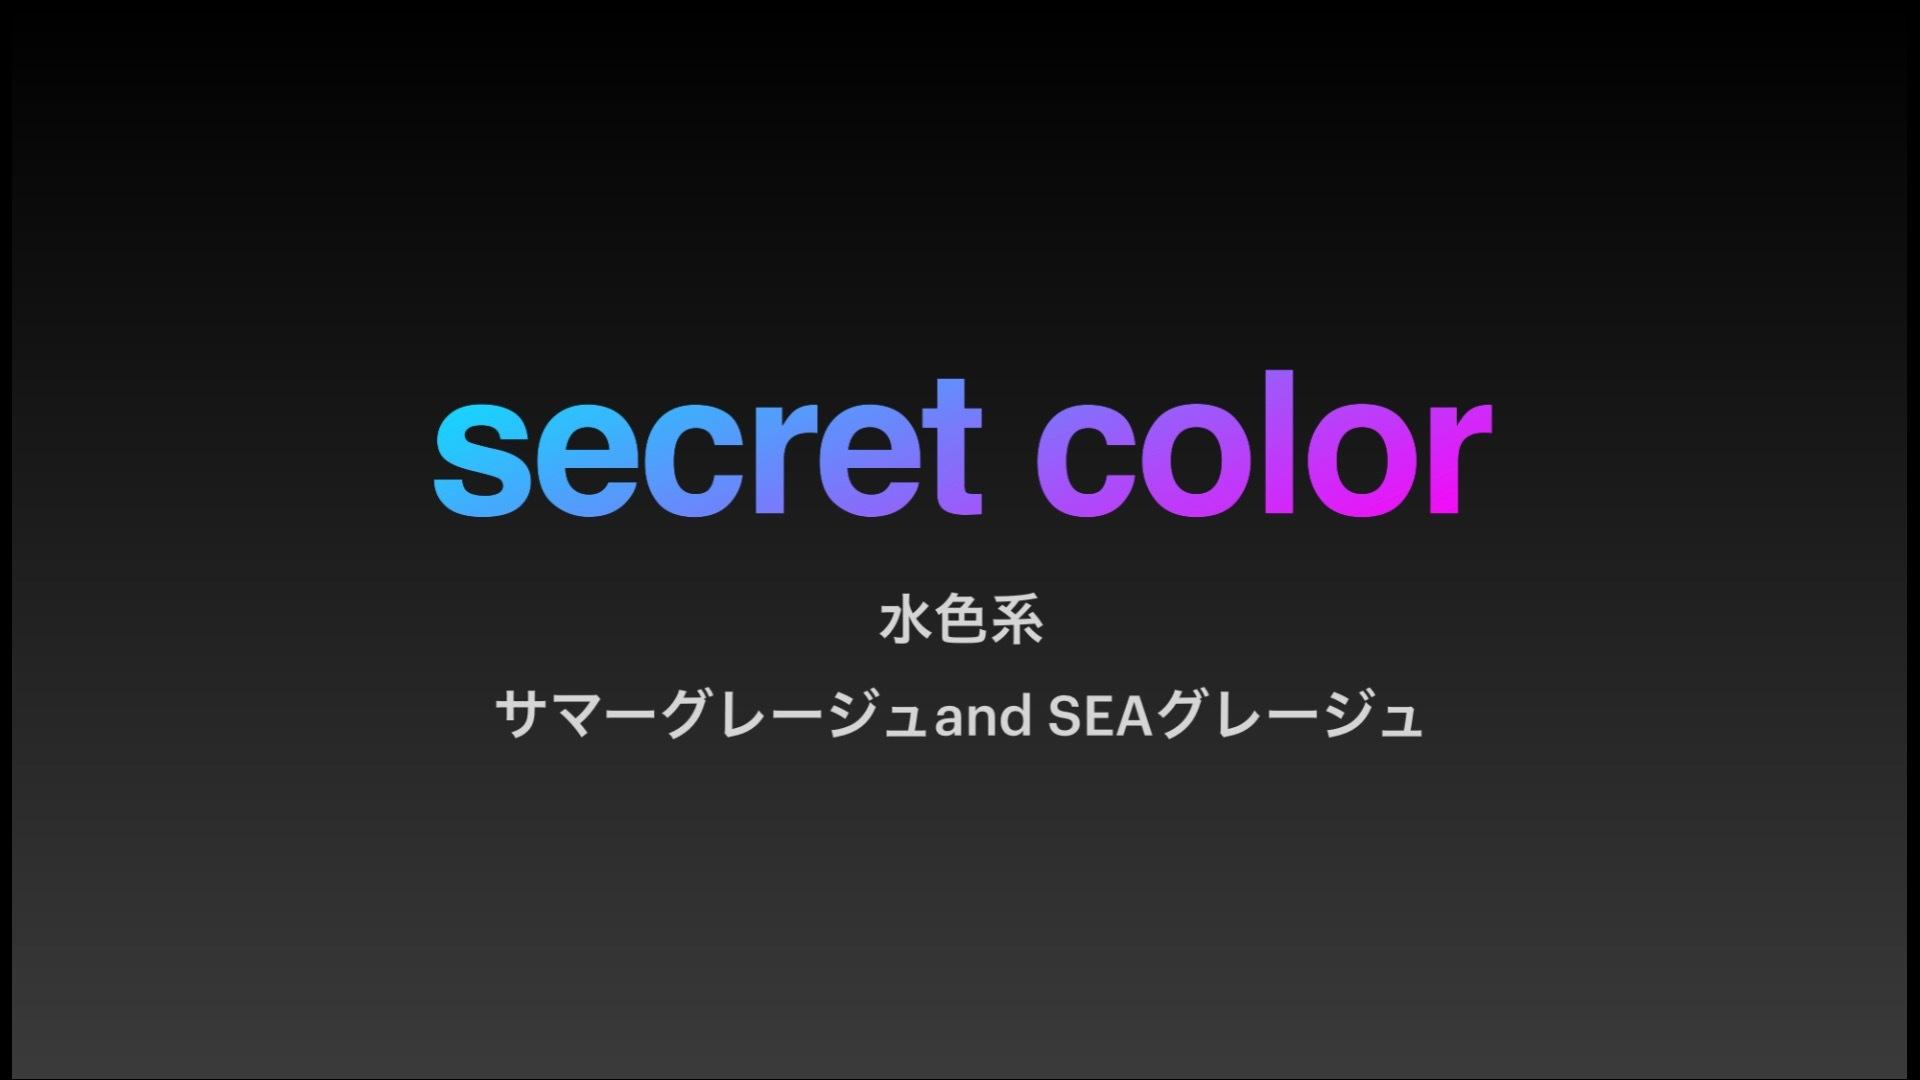 【新色】夏色の水色系secret colorレシピ